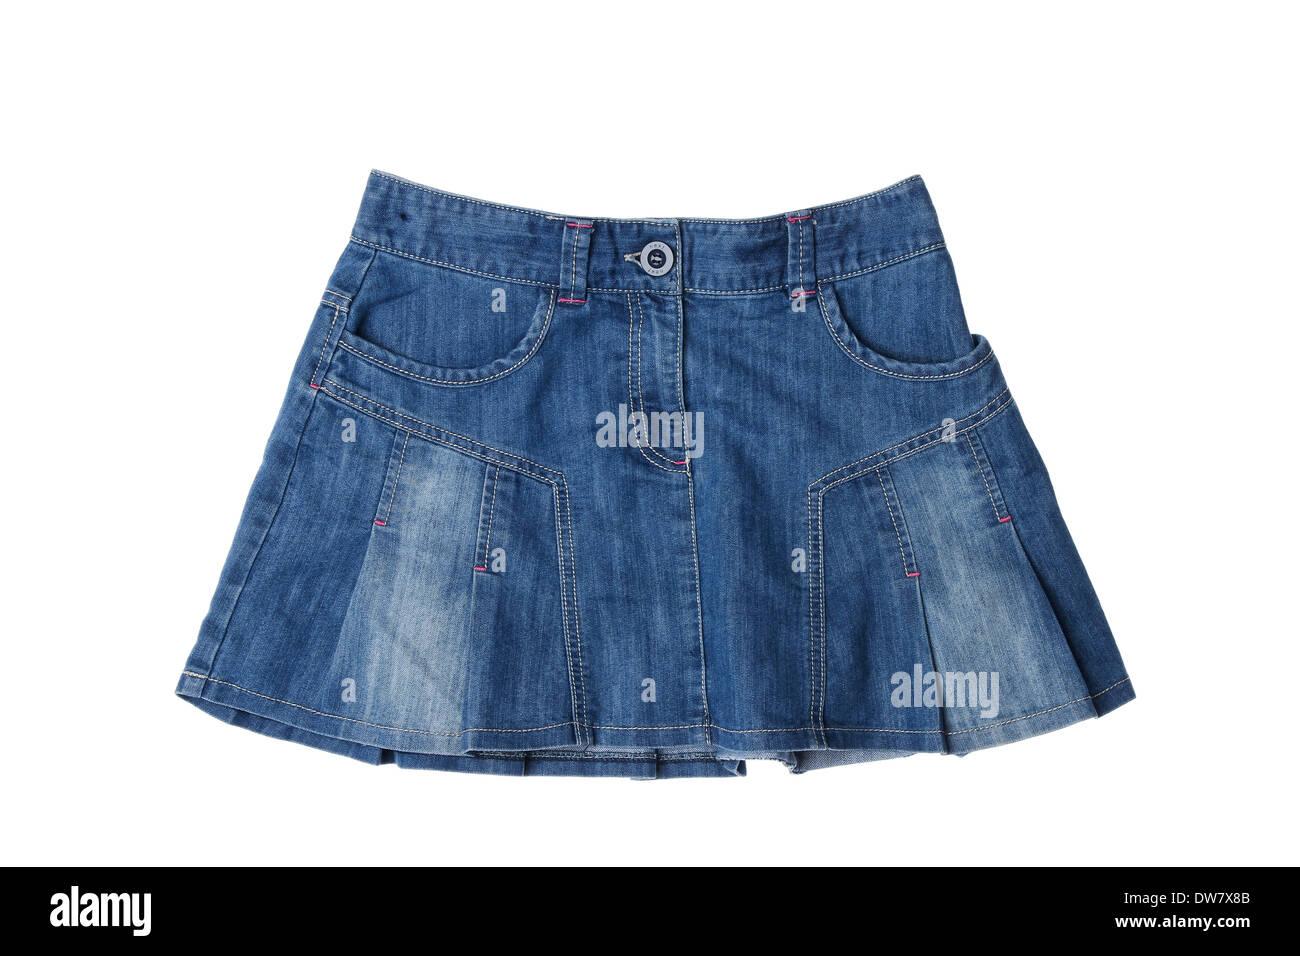 Women's denim skirt - Stock Image